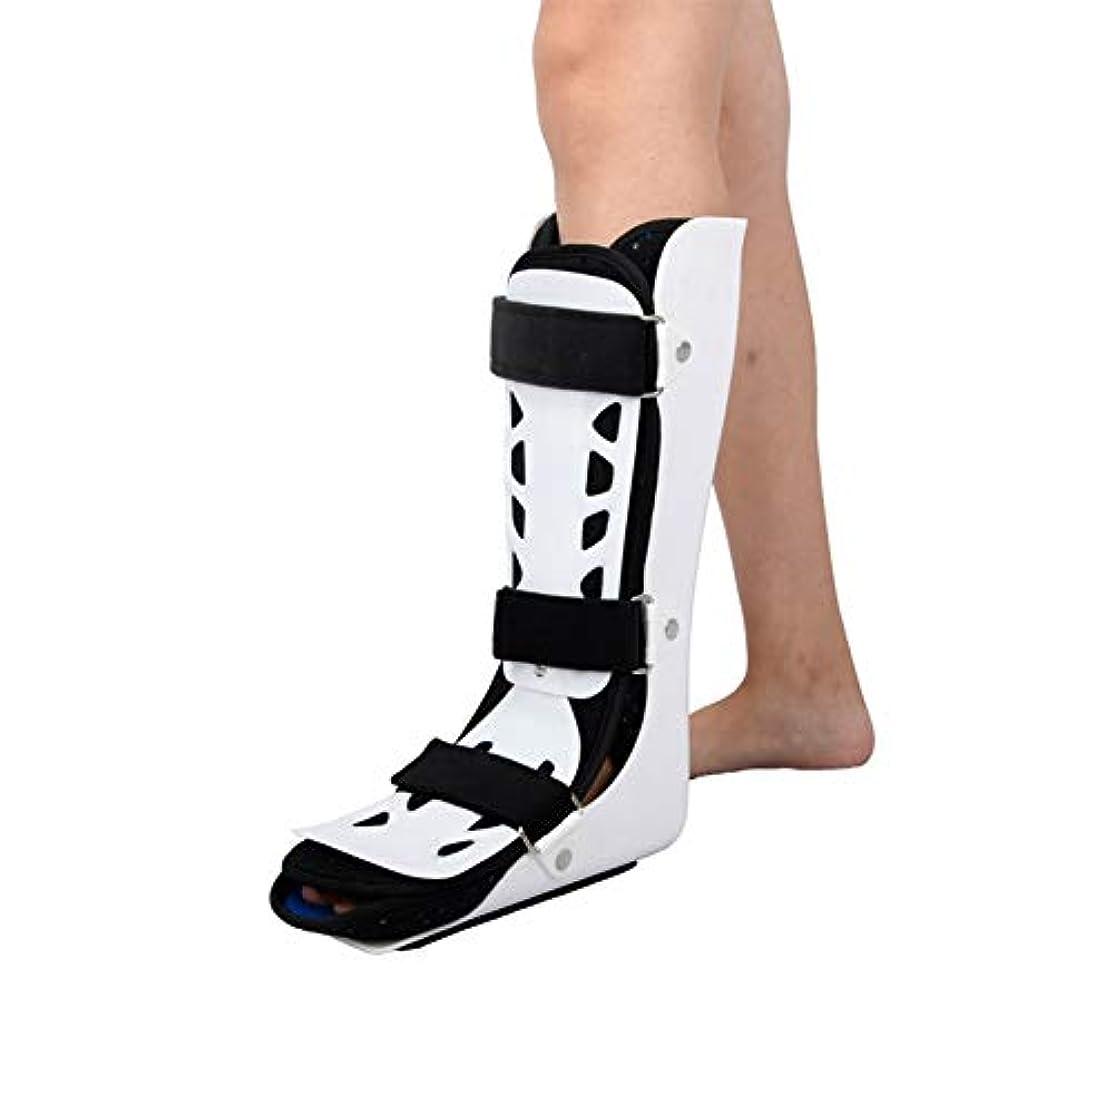 コマース横向き診療所足首サポート アキレス、大人の足首とアキレス腱を骨折し、歩行時の通気性を訓練します。足首を固定します。 (Color : 左, Size : L)